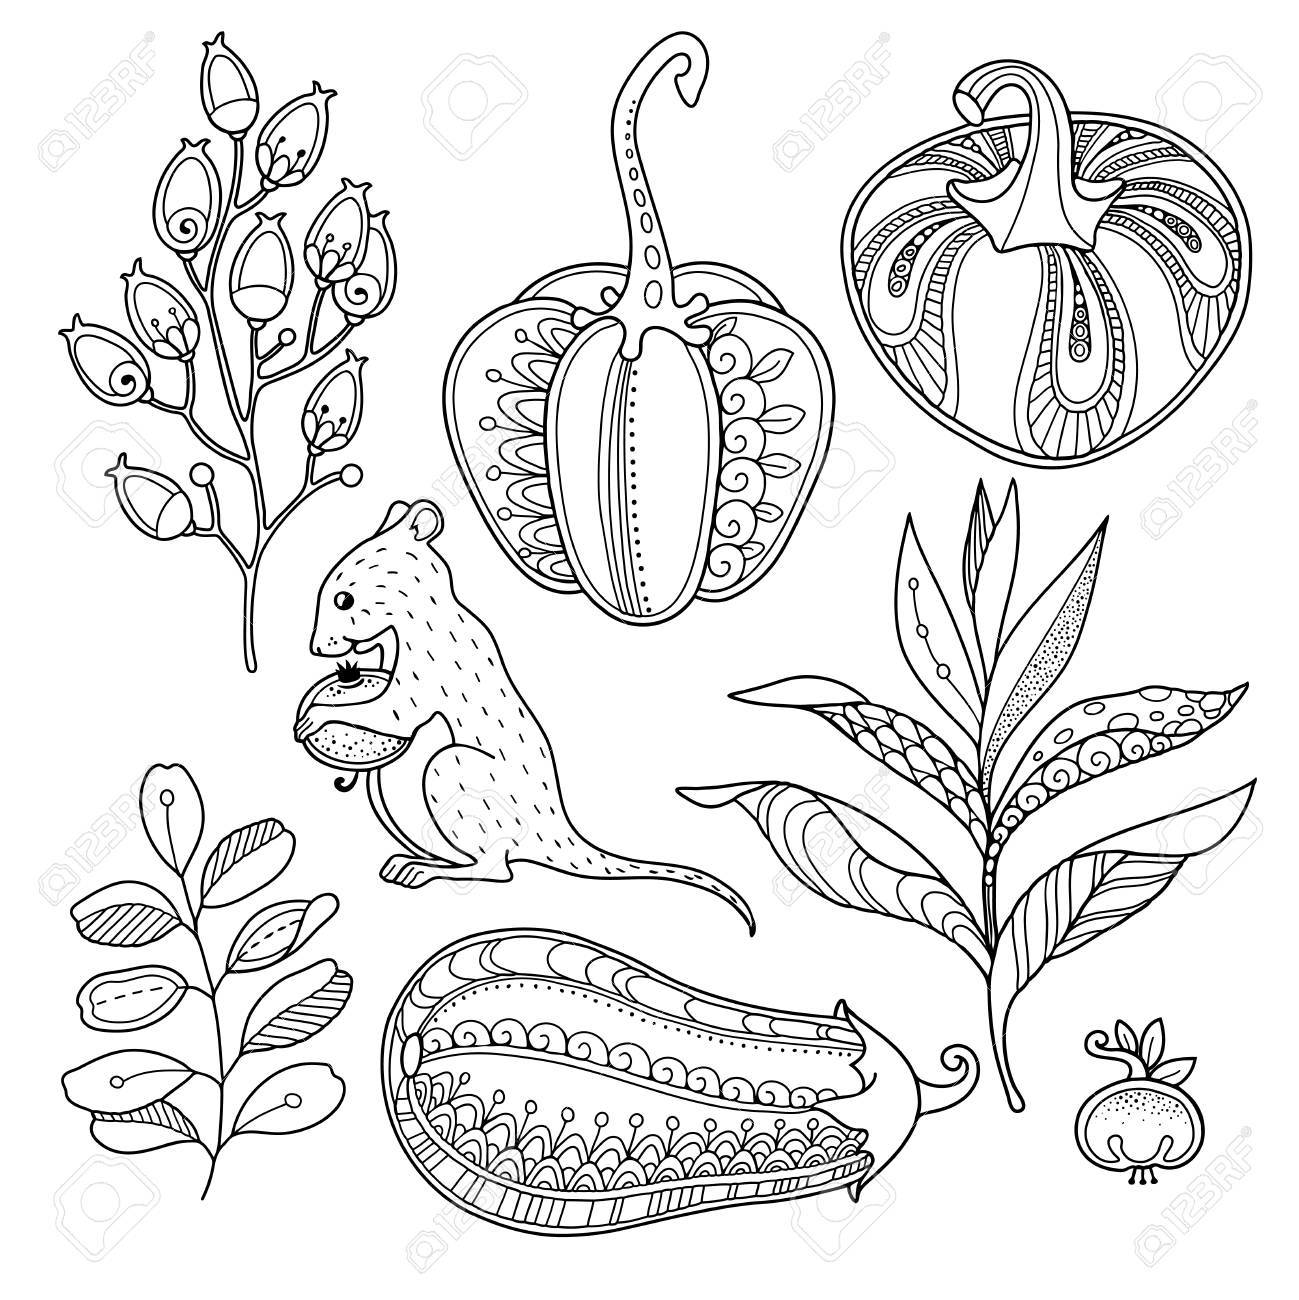 Objetos De Jardín Mágicos En Estilo Doodle Elementos Florales Ornamentados Decorativos Tribales Del Diseño Del Vector Fondo Blanco Y Negro